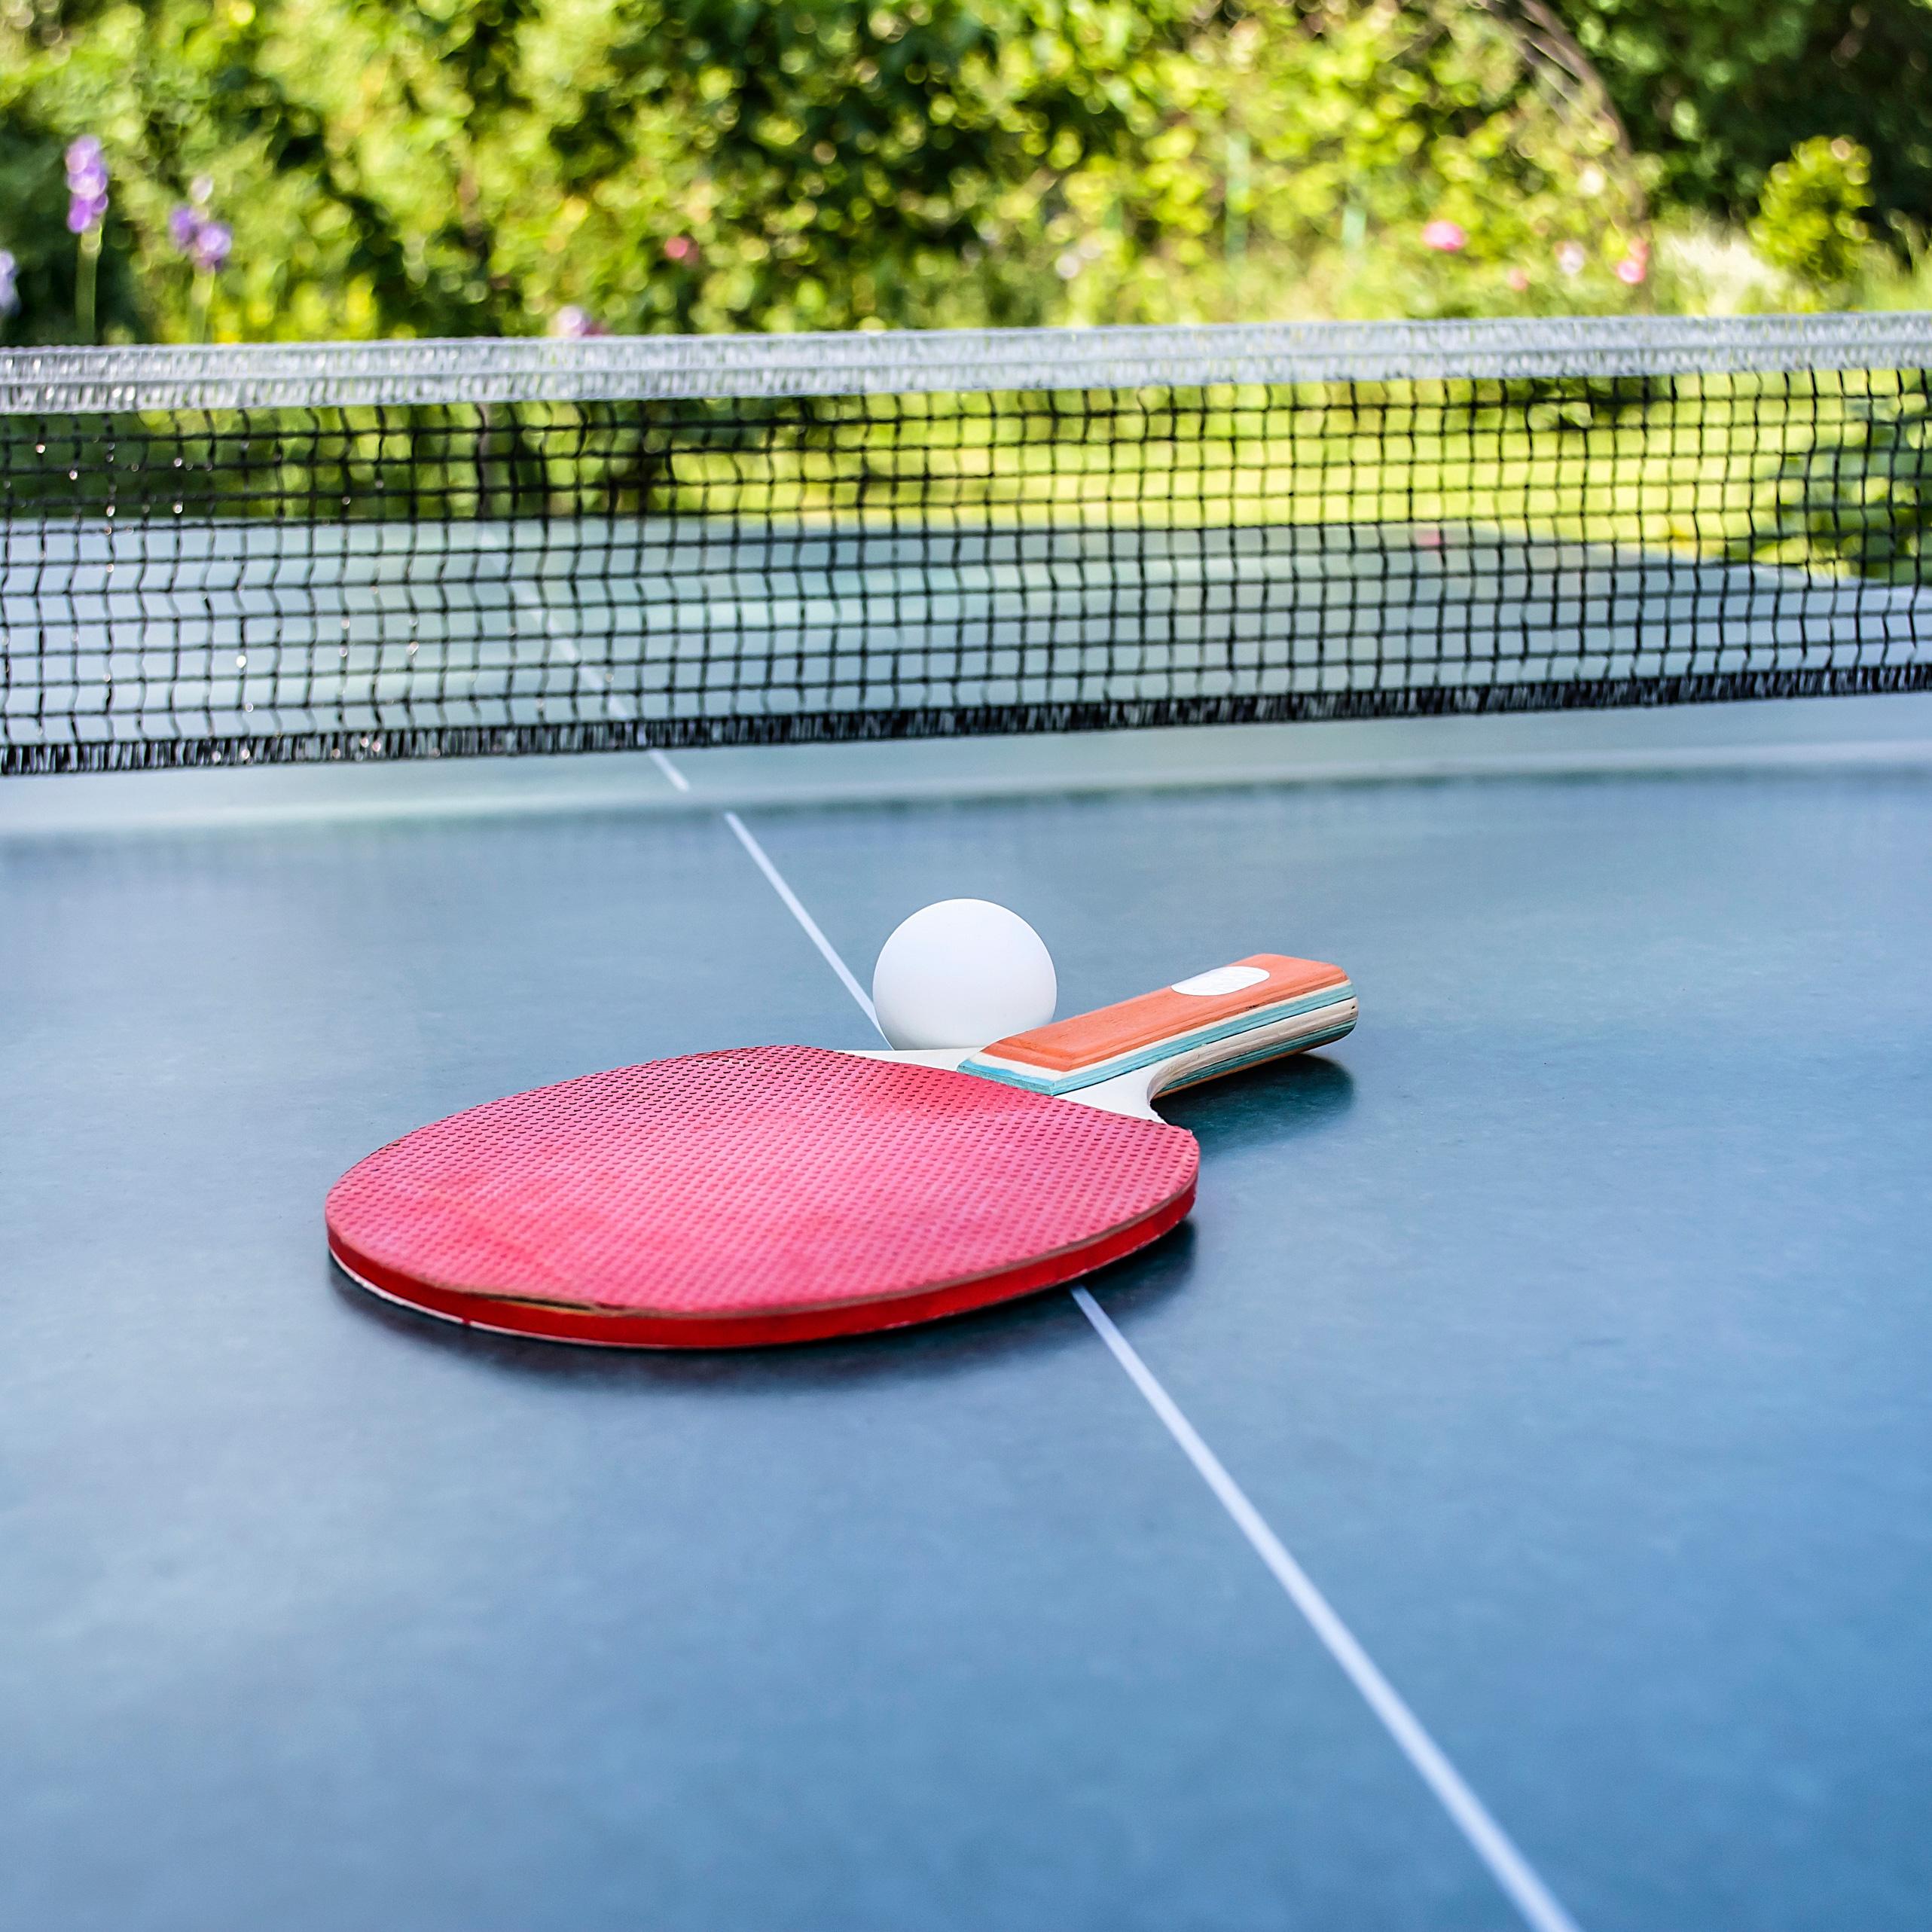 Abnehmen im Frühling - Tischtennis